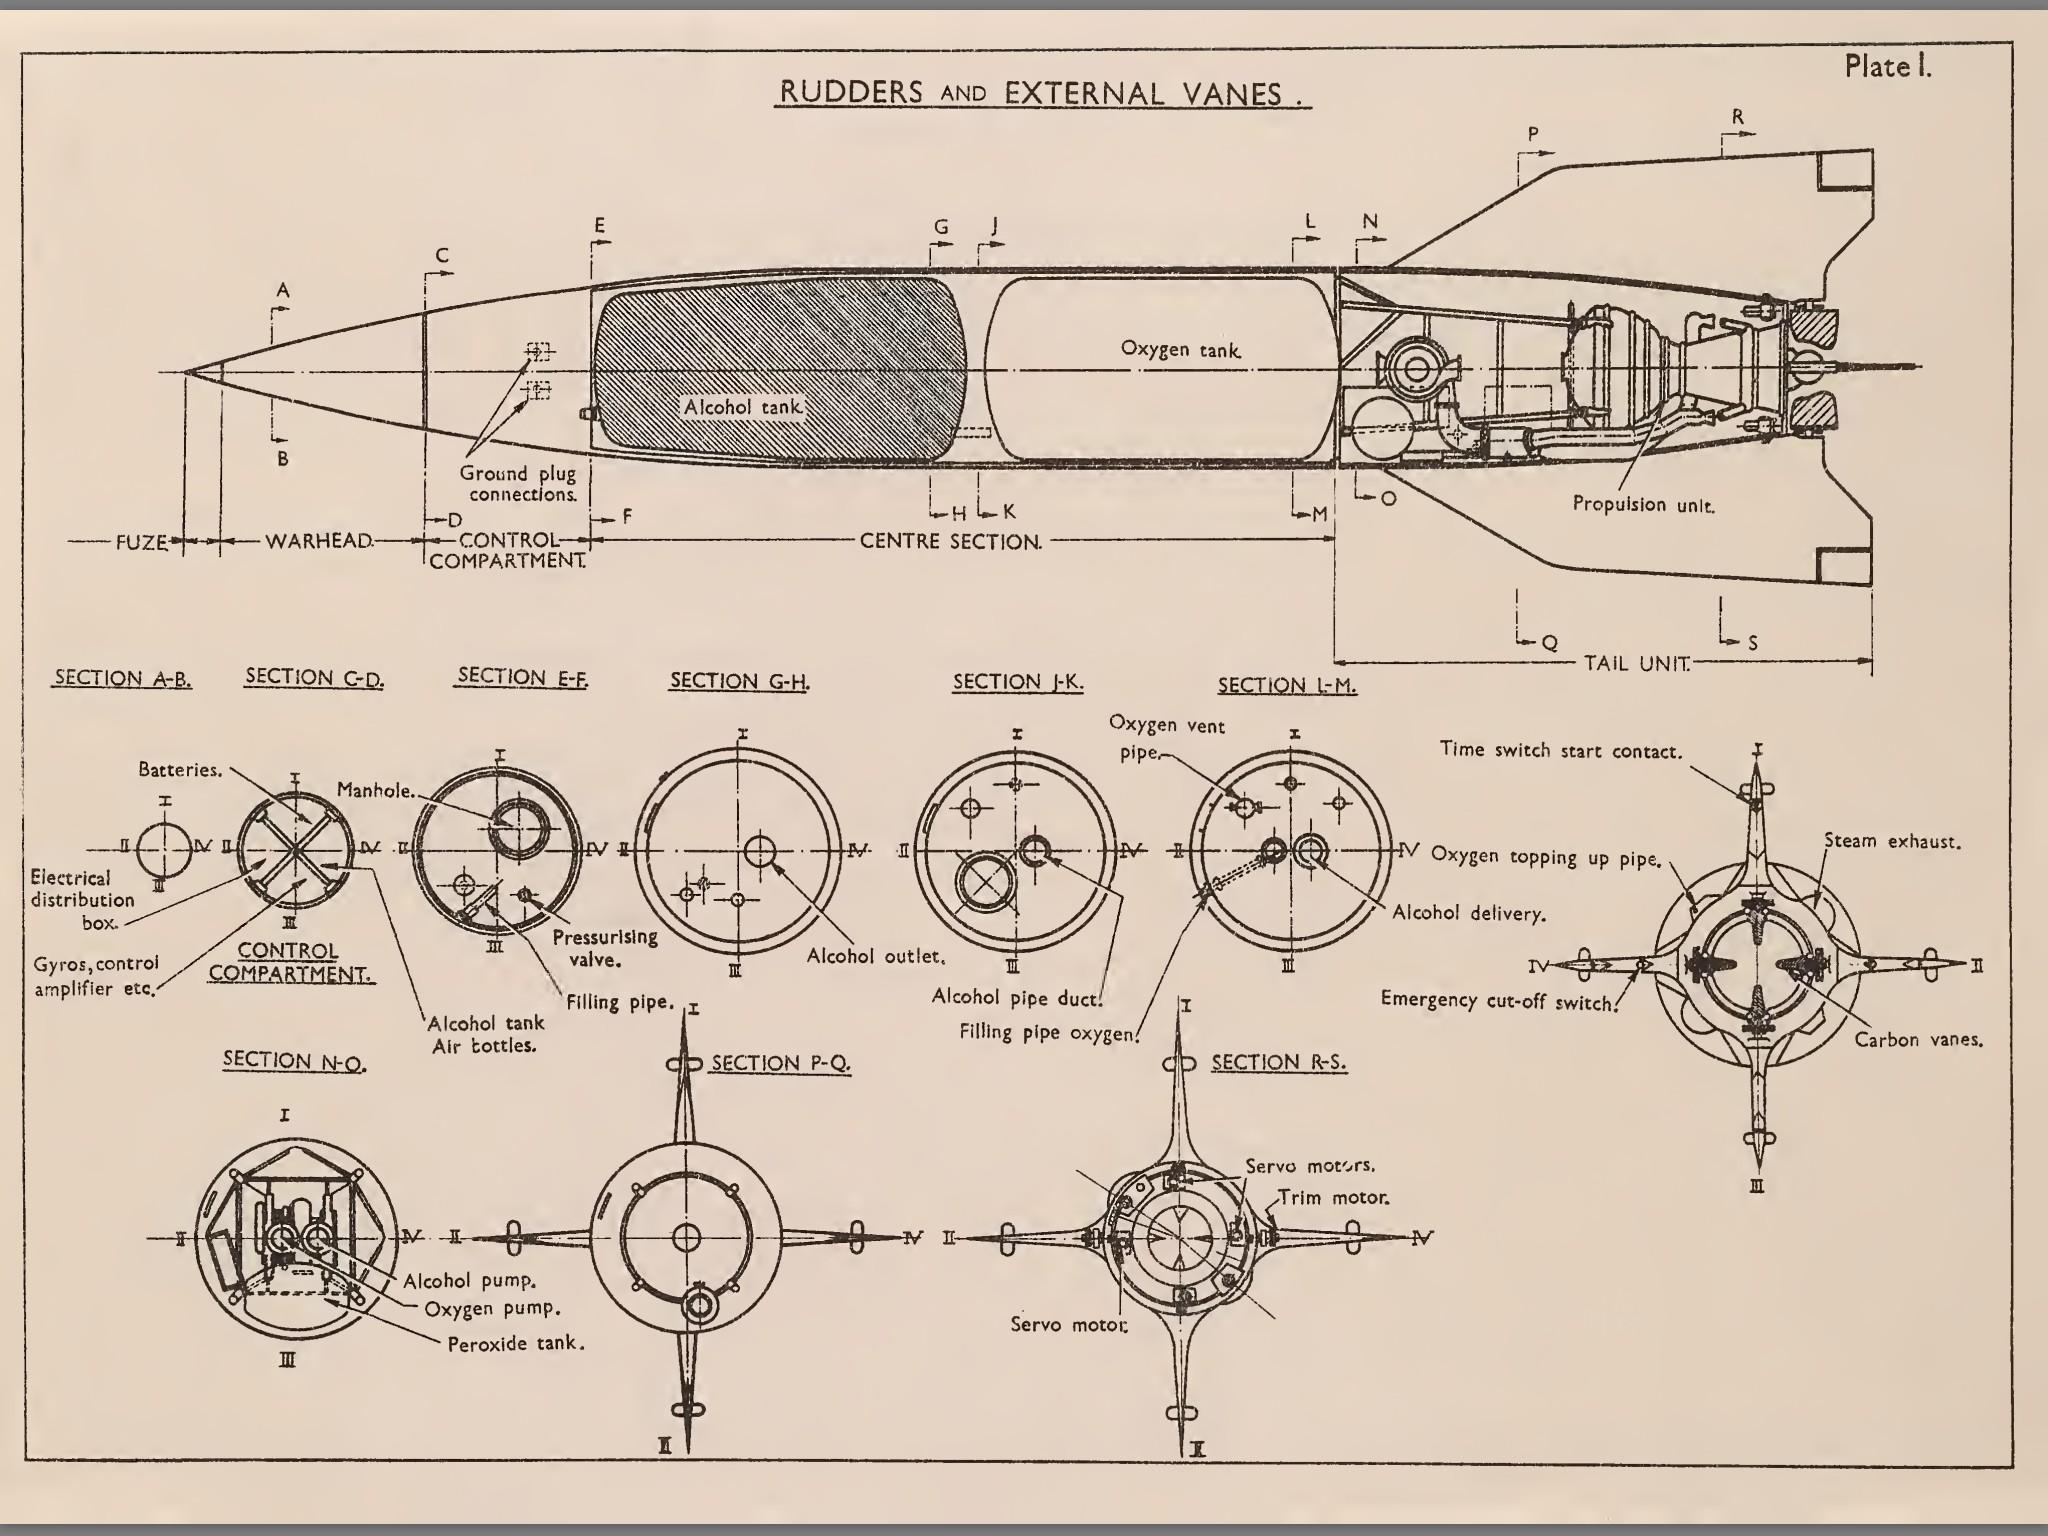 Model Rocket Engine Diagram Blueprint Of A4 V2 Rocket Of Model Rocket Engine Diagram